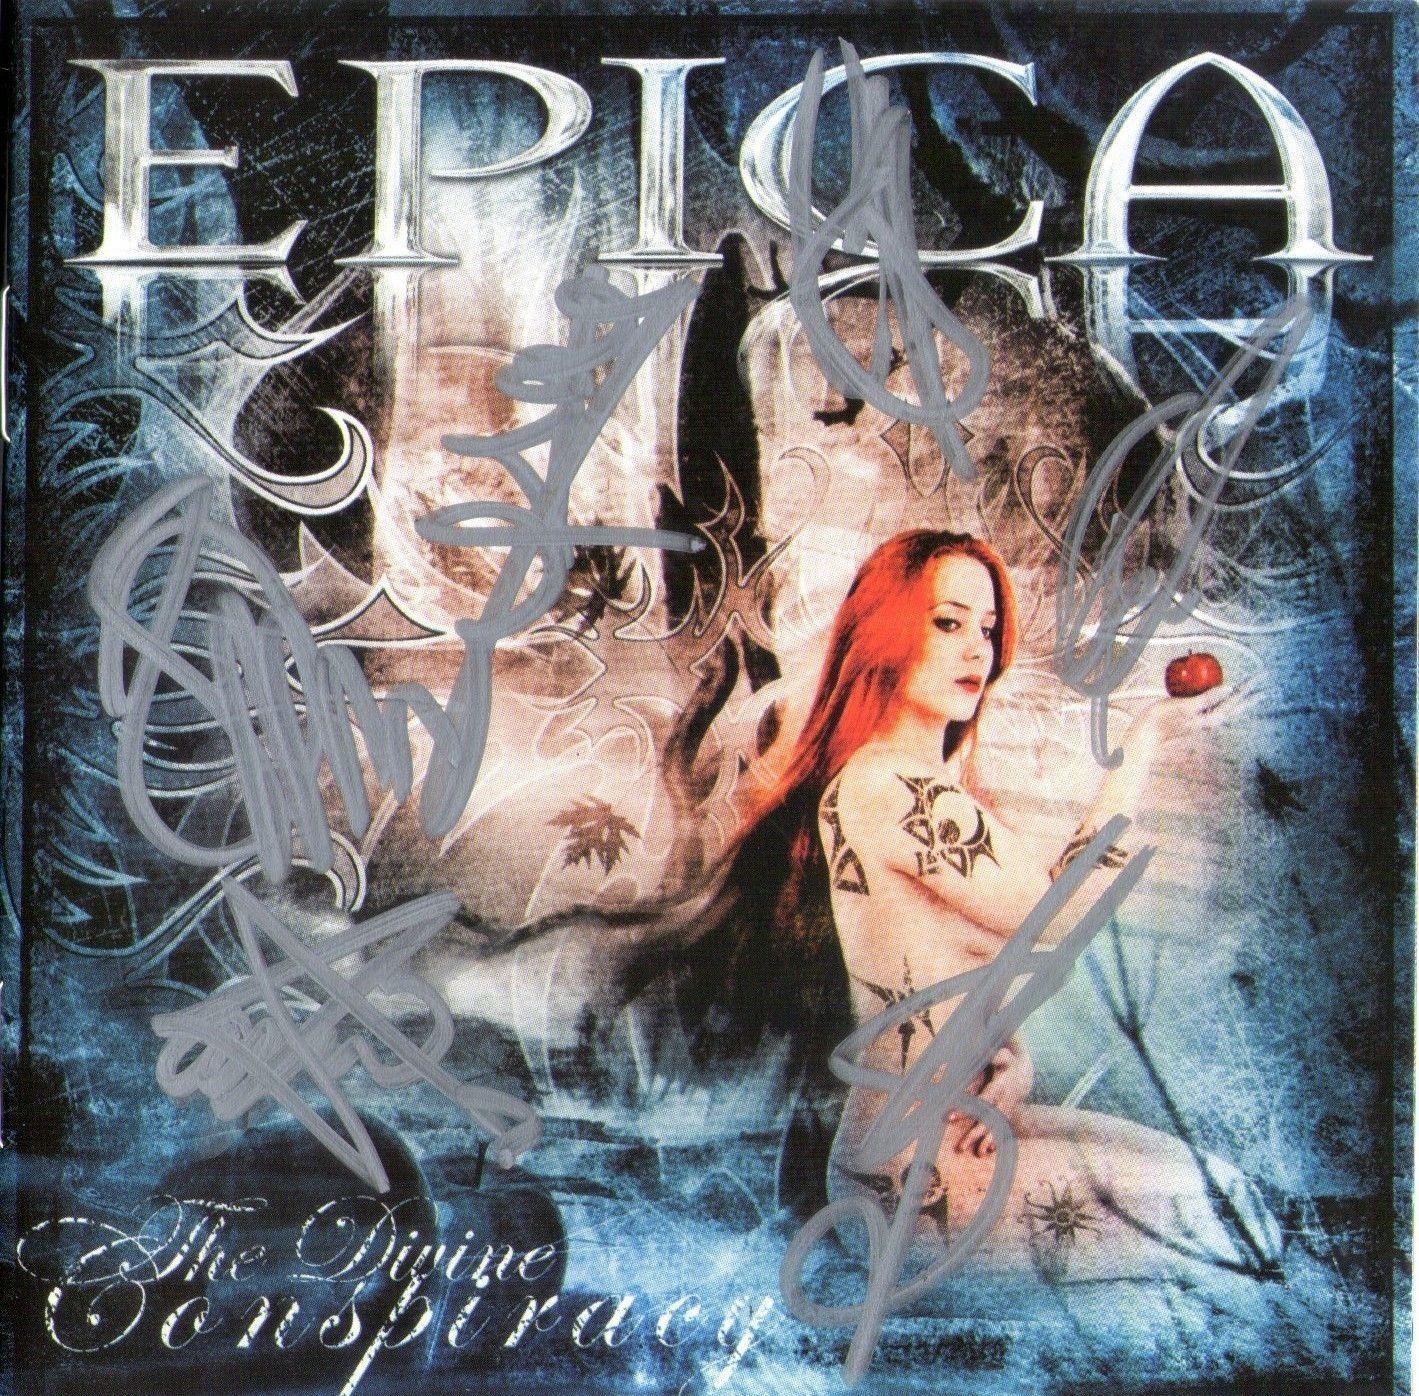 CD - Epica - The Divine Conspiracy - Autografado